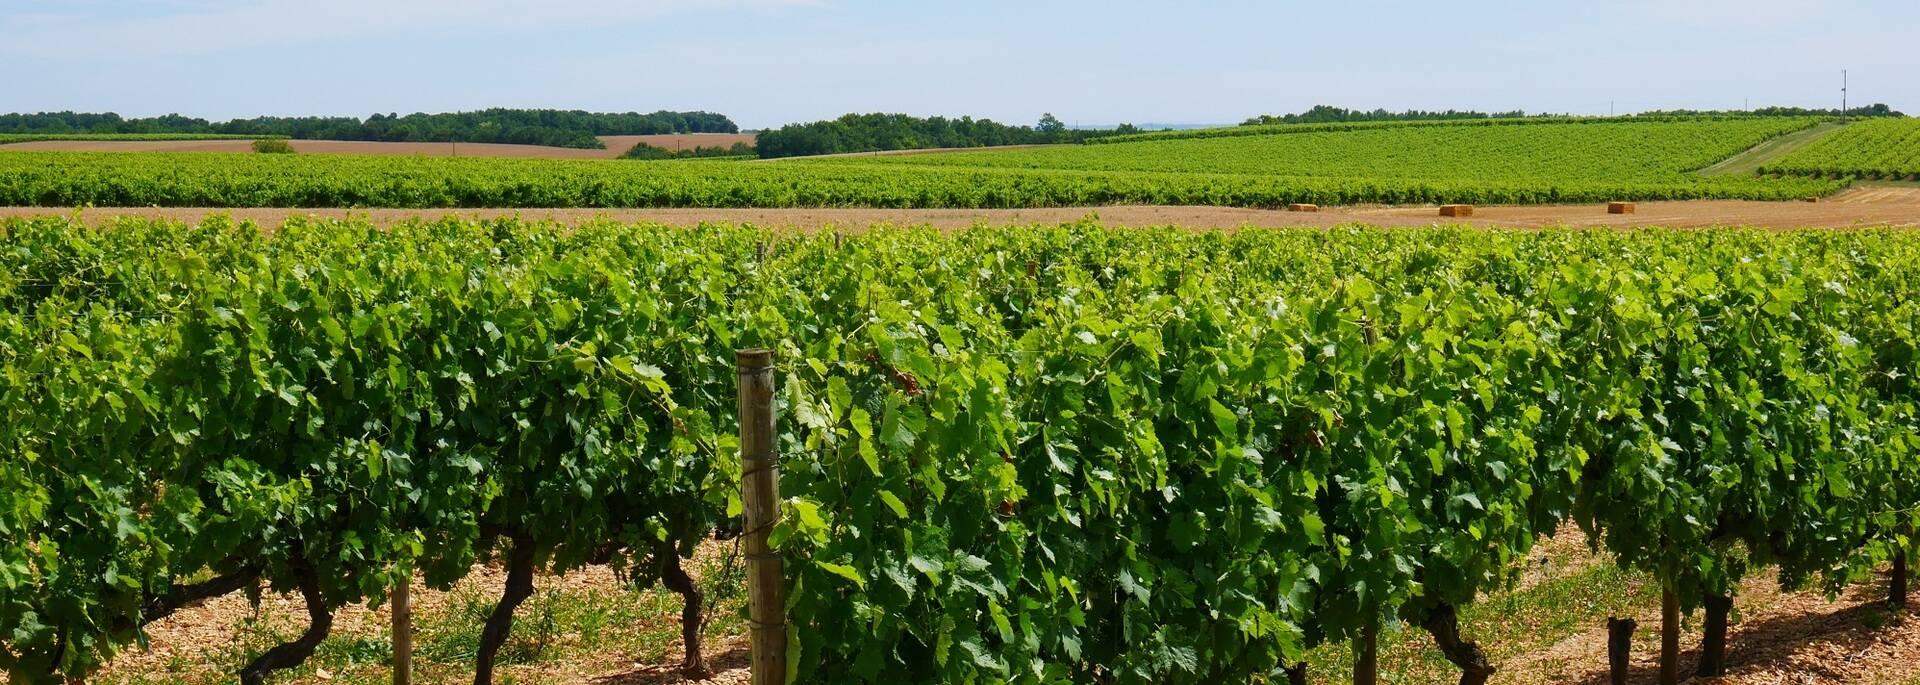 Vignes dans le vignoble du cognac - ©P.Migaud / FDHPA17